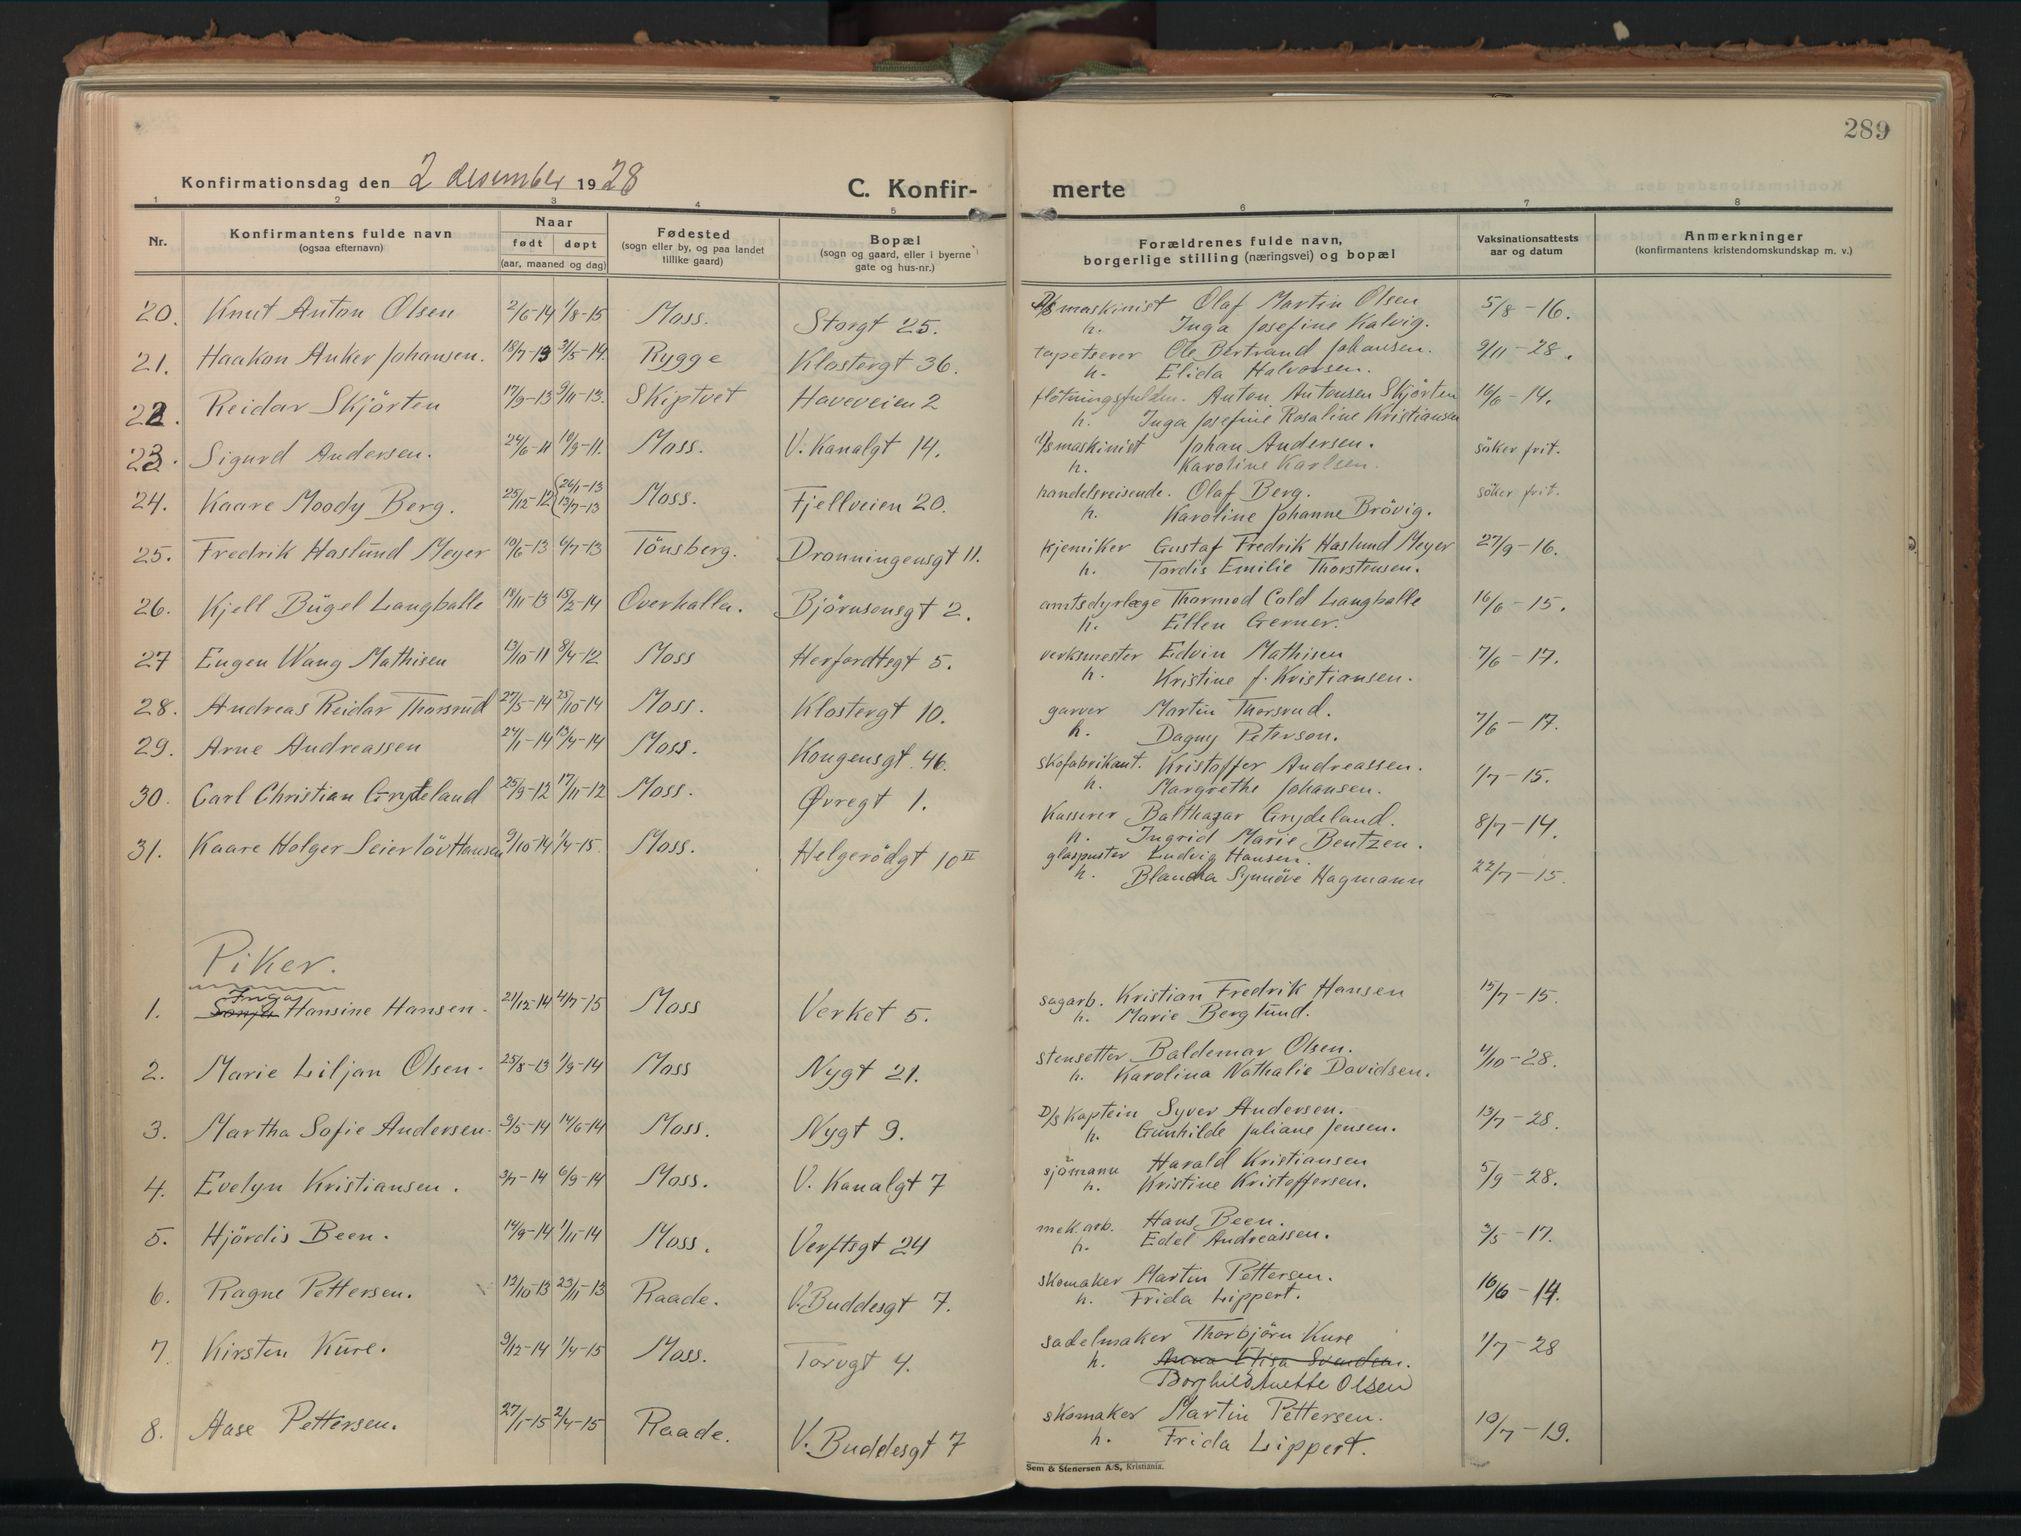 SAO, Moss prestekontor Kirkebøker, F/Fb/Fab/L0006: Ministerialbok nr. II 6, 1924-1932, s. 289